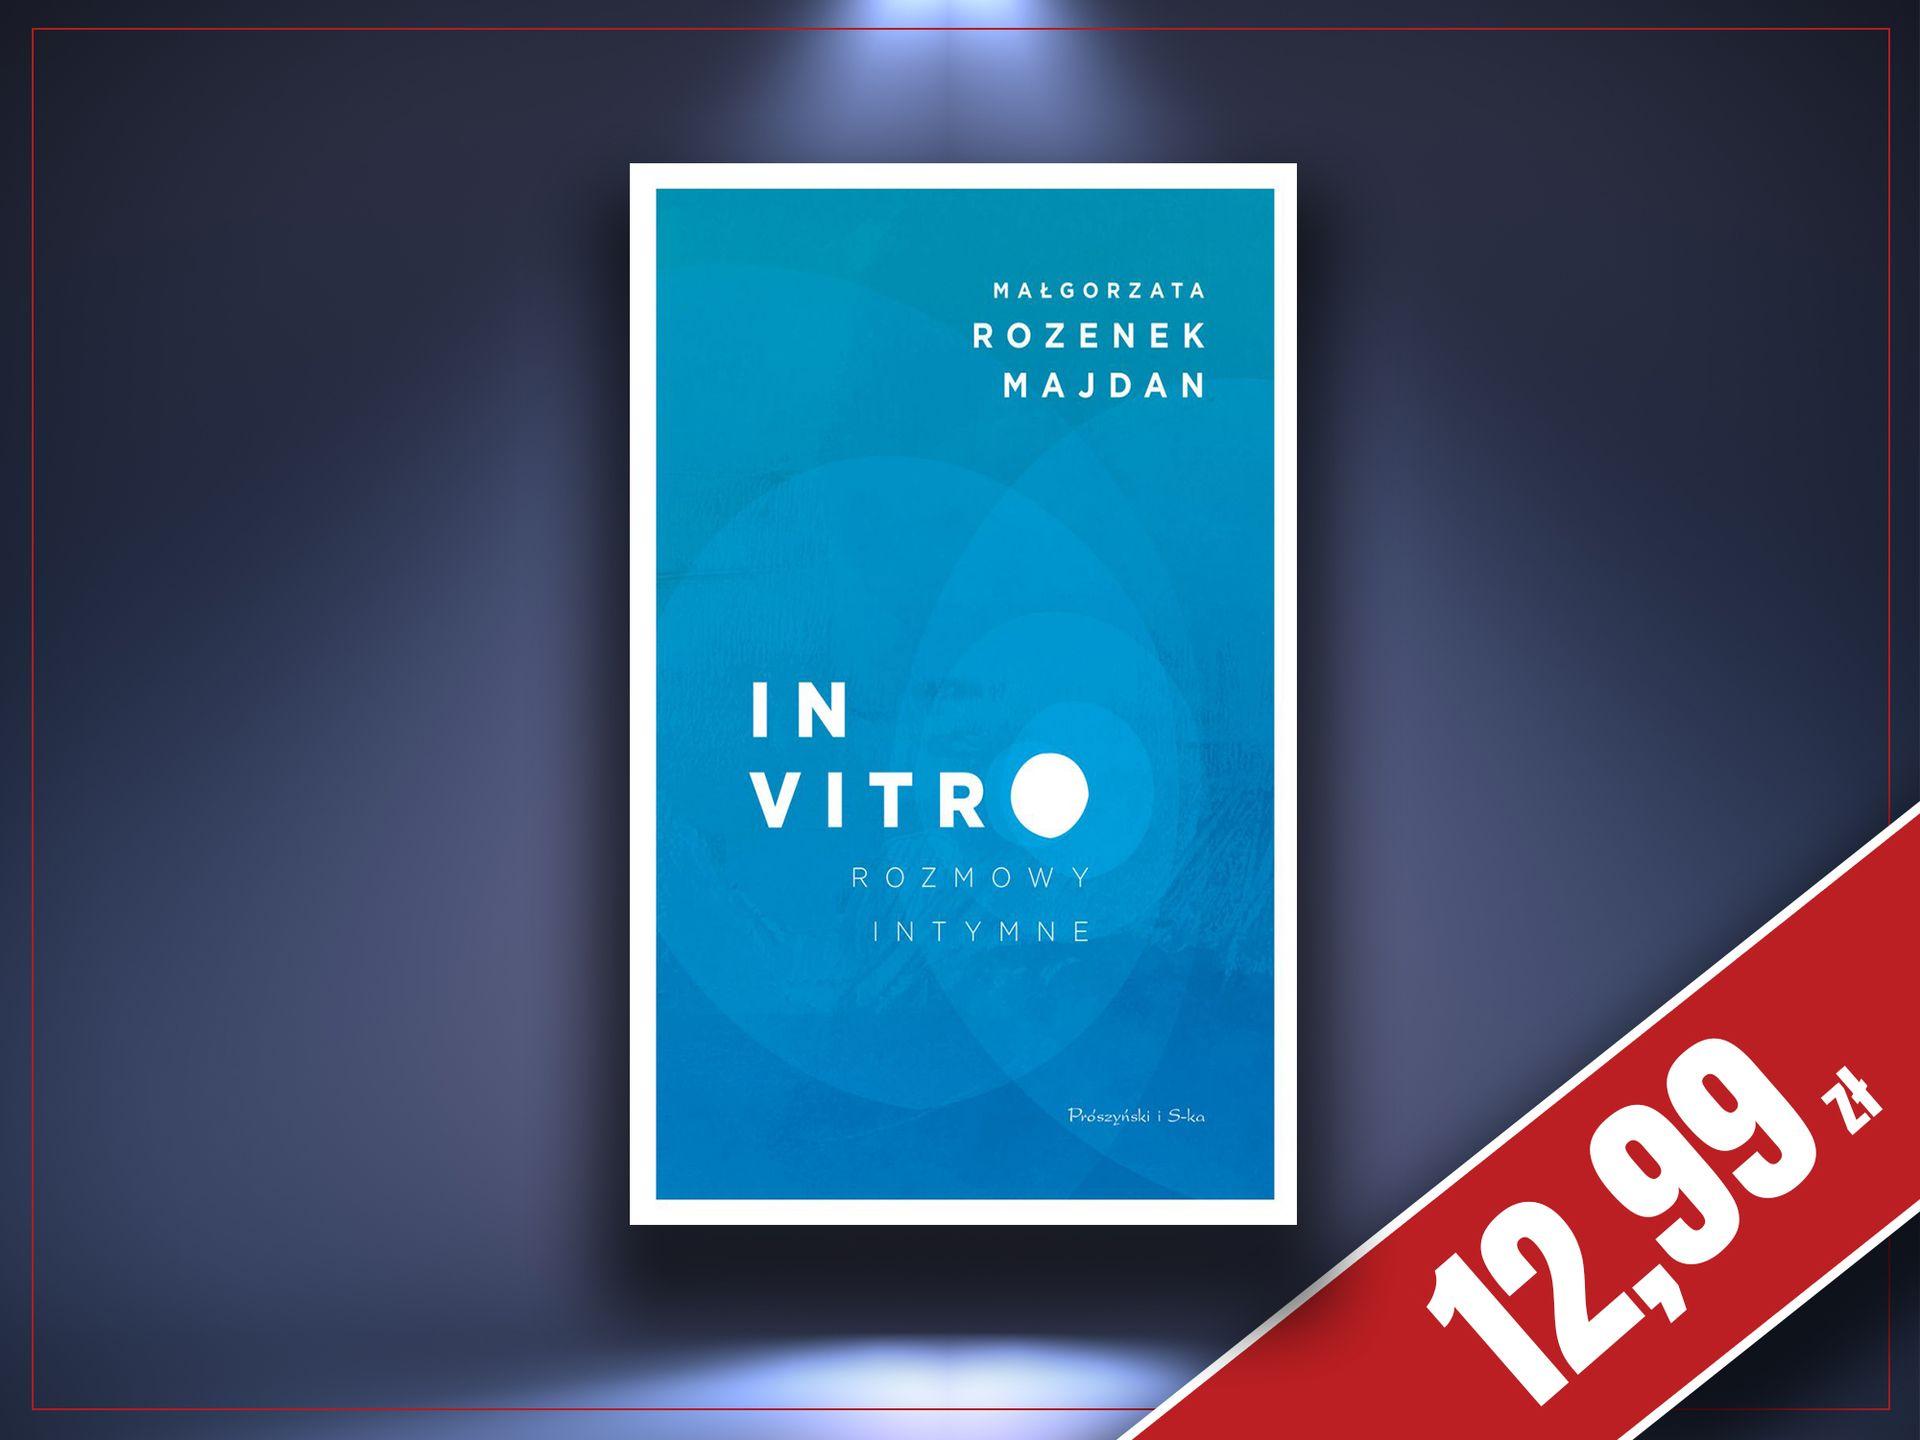 In vitro. Rozmowy intymne - Małgorzata Rozenek-Majdan, zaczytanyksiazkoholik.pl